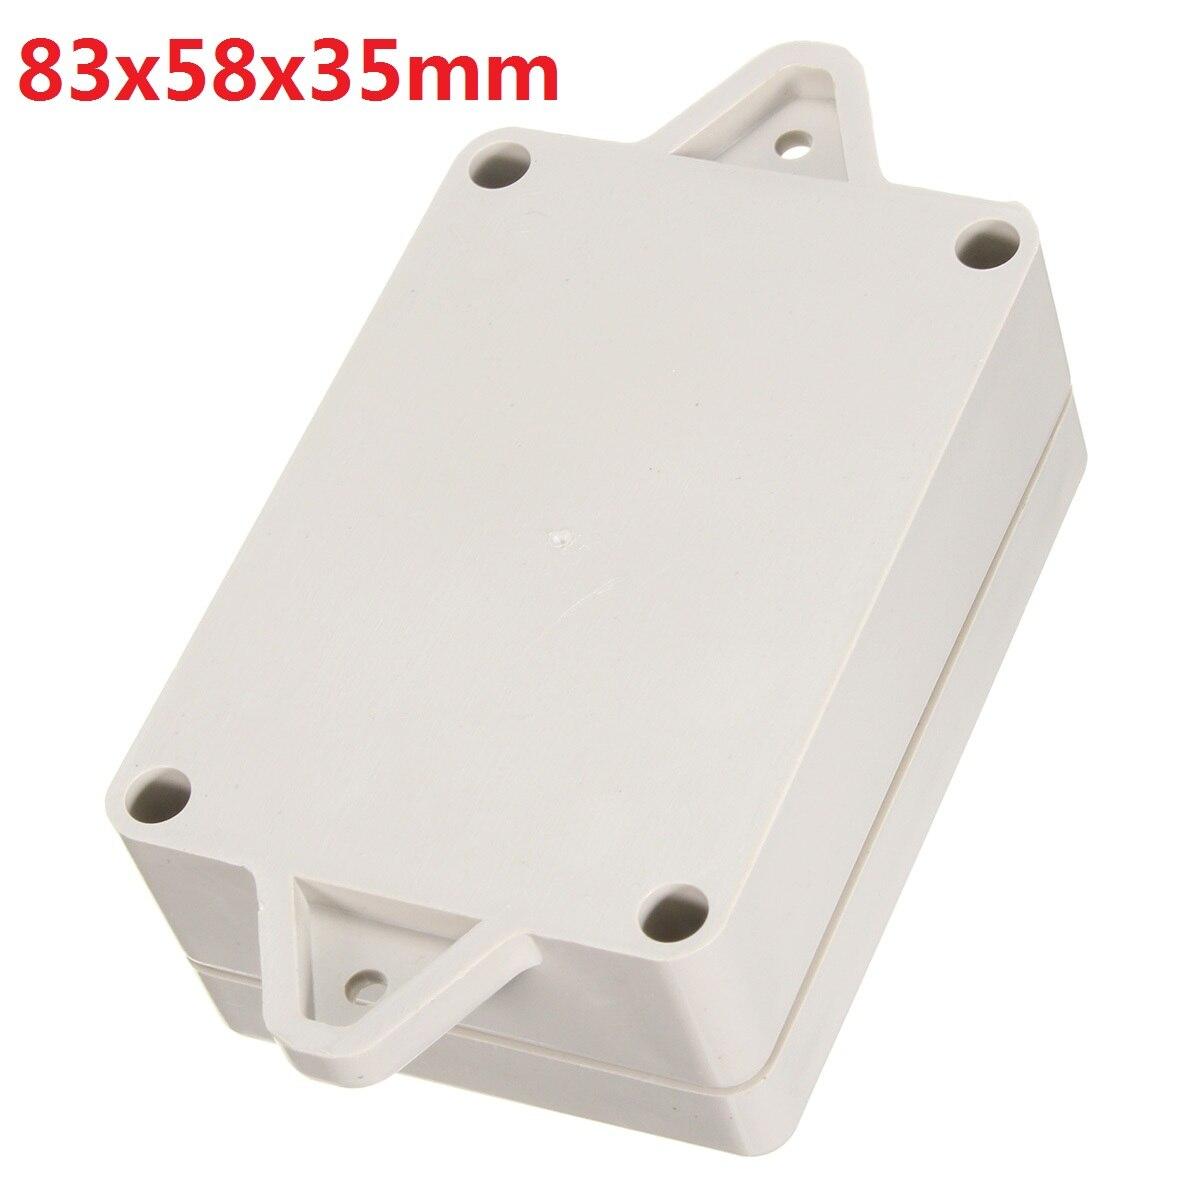 1 шт., 83x58x35 мм, пластиковая водонепроницаемая крышка, чехол для электронного инструмента, белая коробка для корпуса